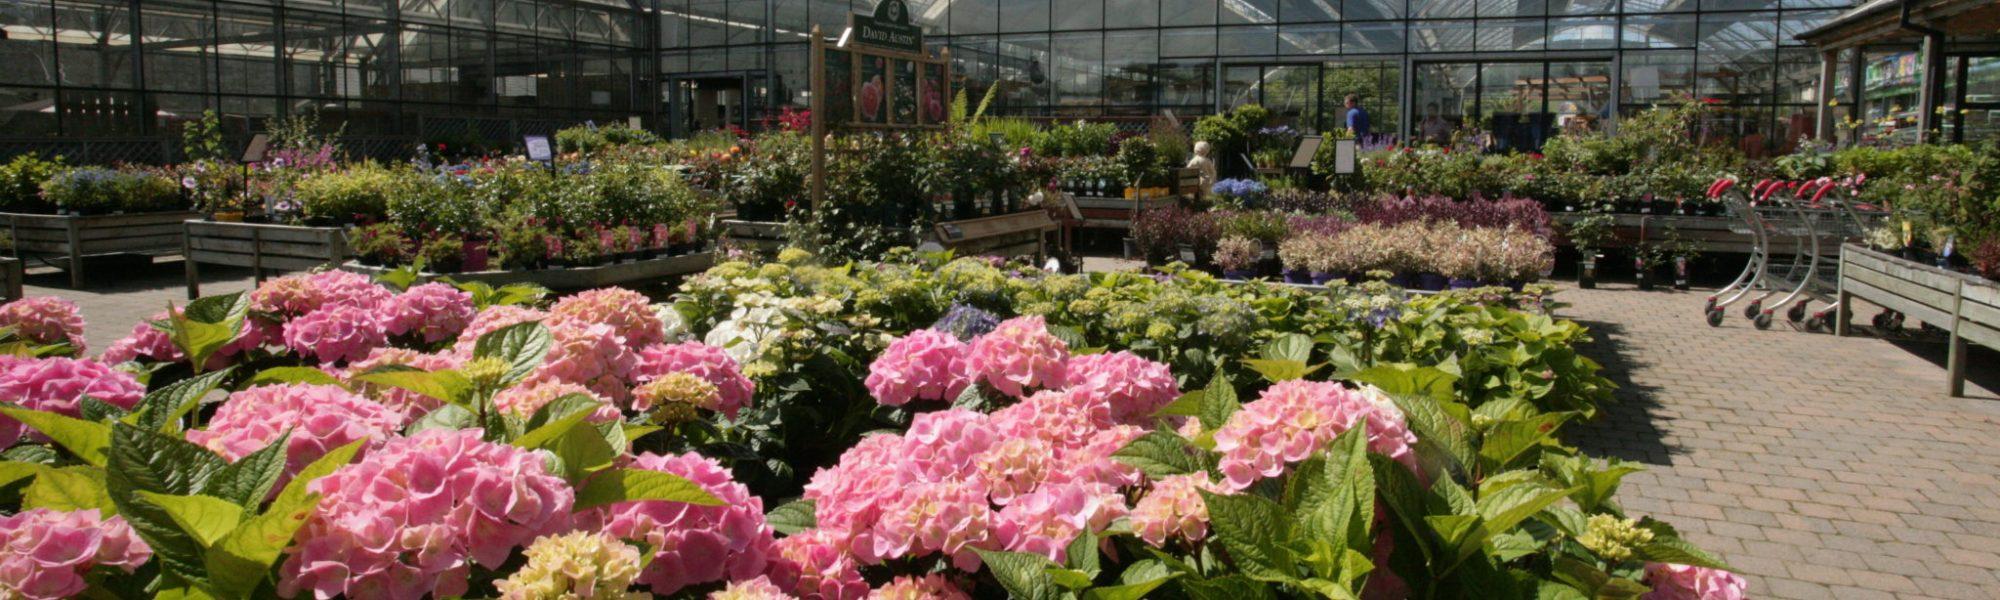 Garden Pavilion Rhododendron